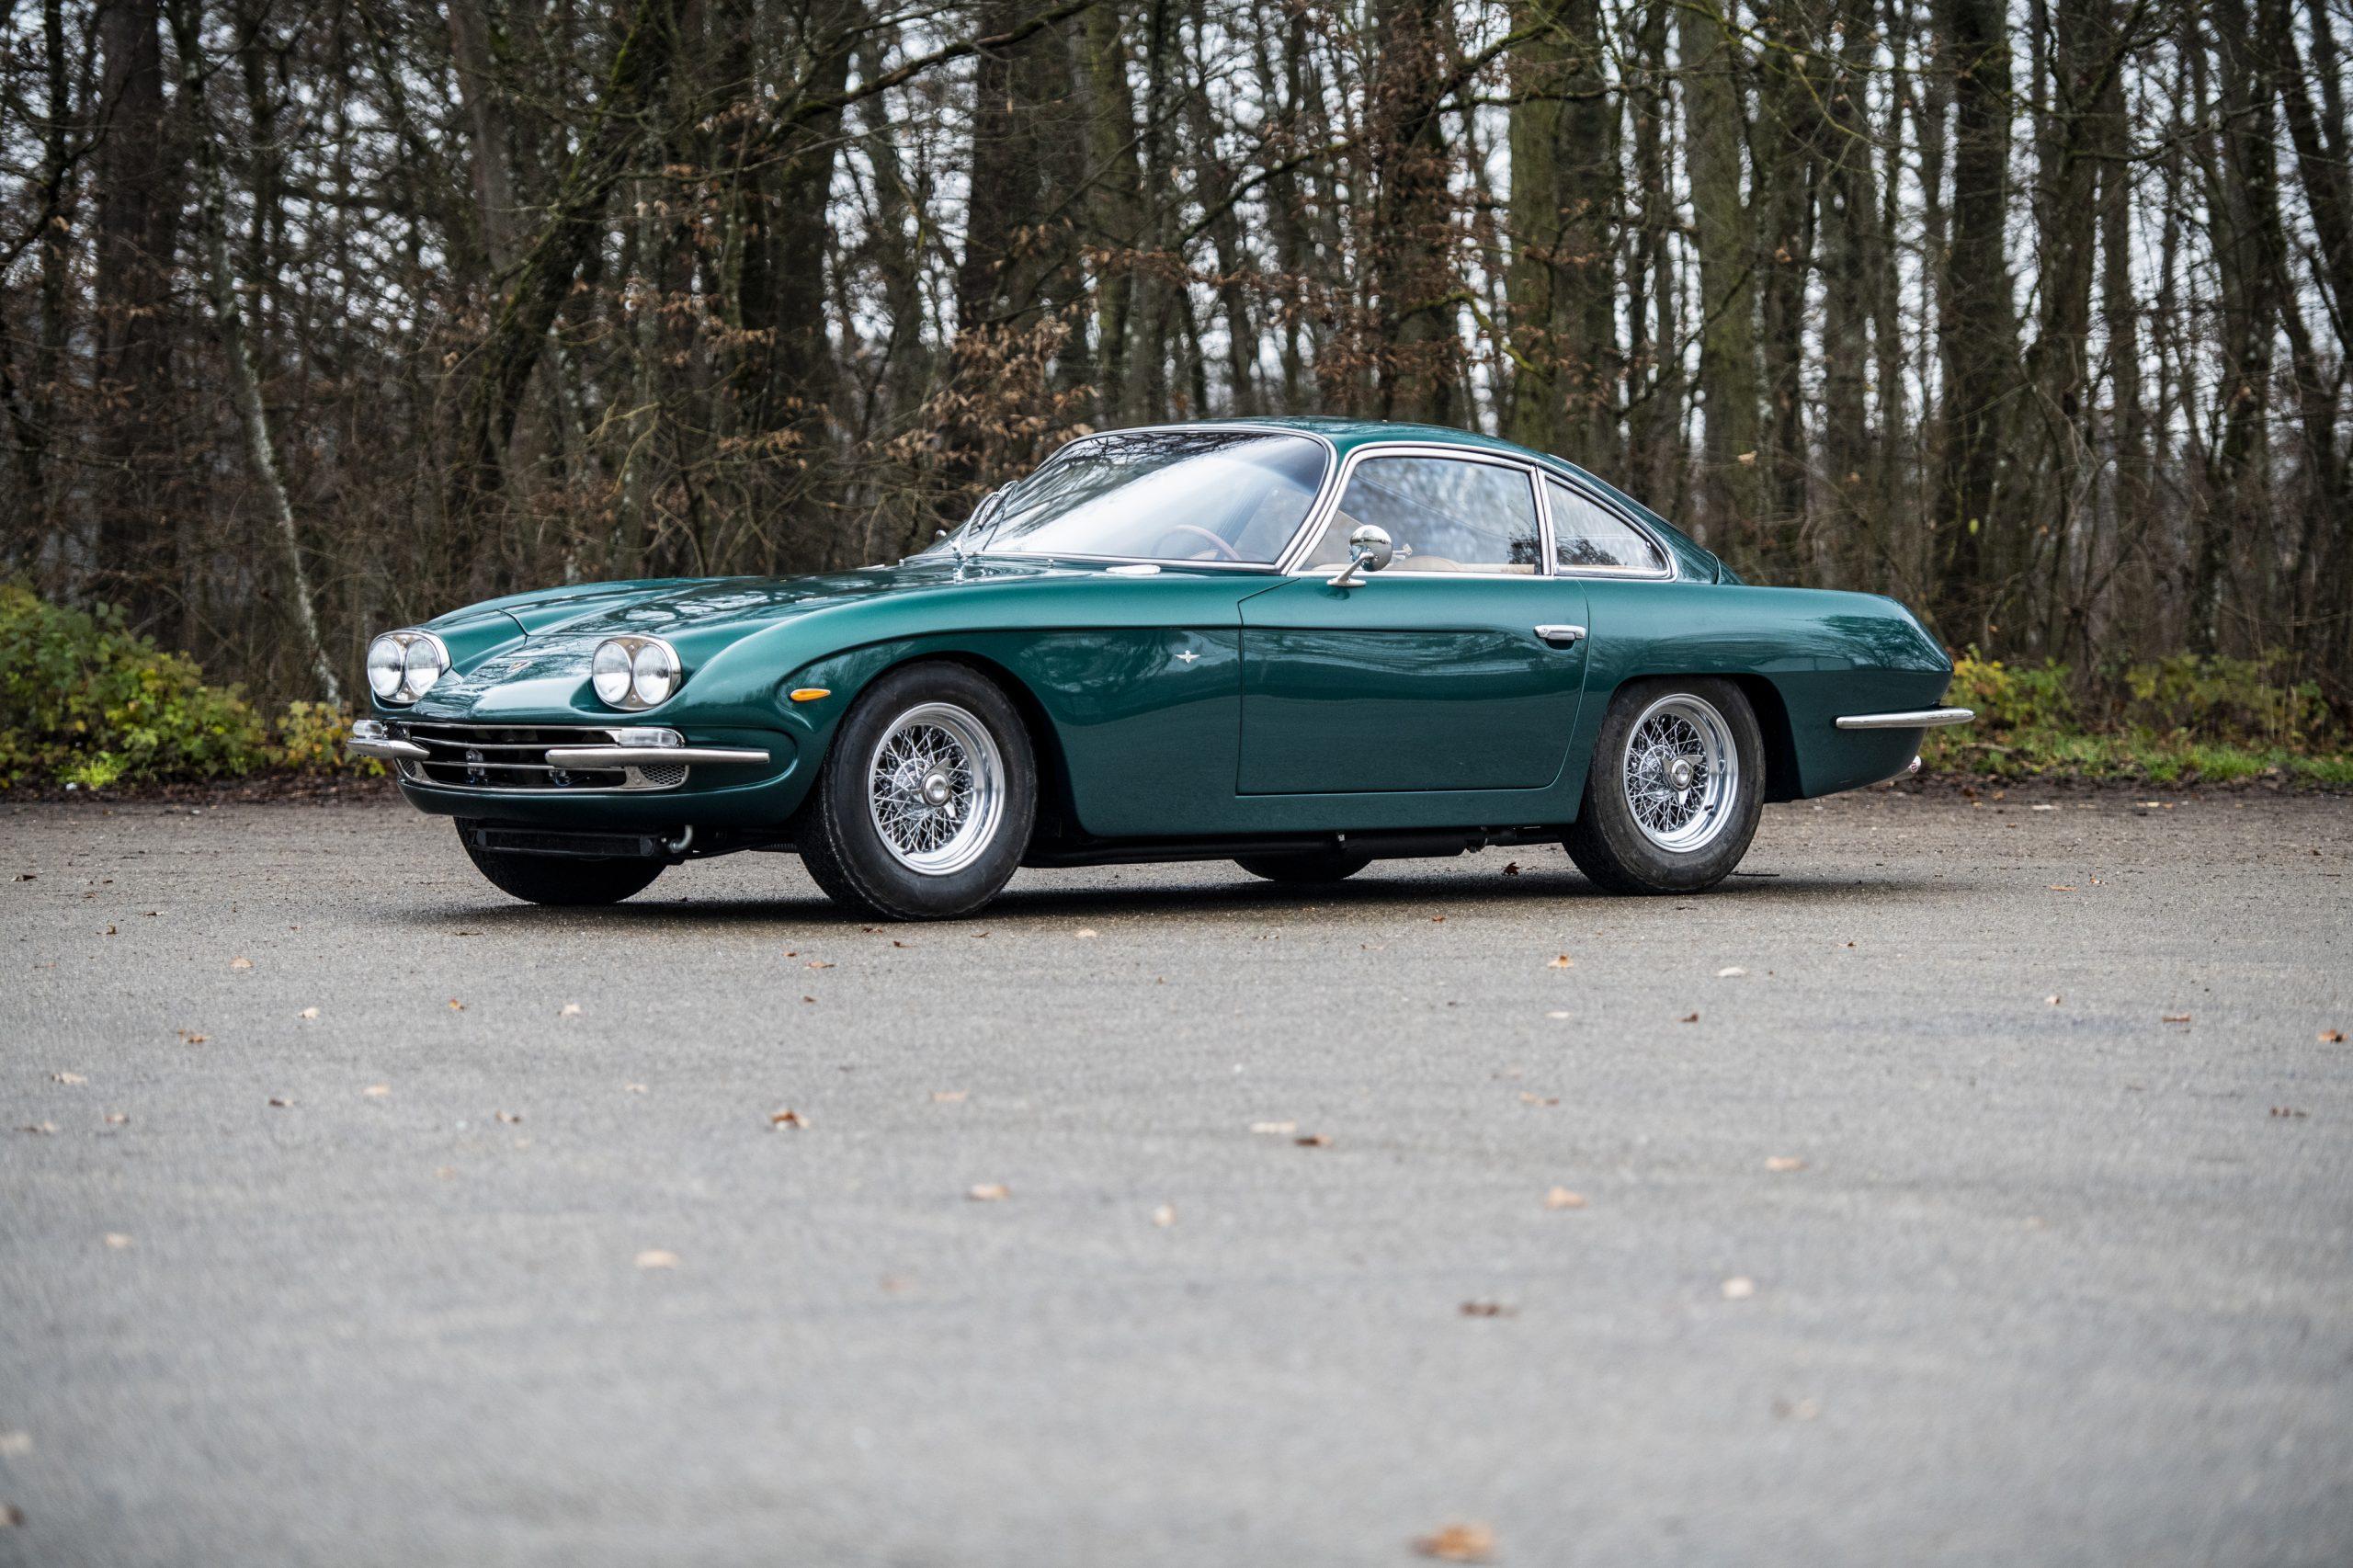 1967 Lamborghini 400 GT 2+2 front three-quarter